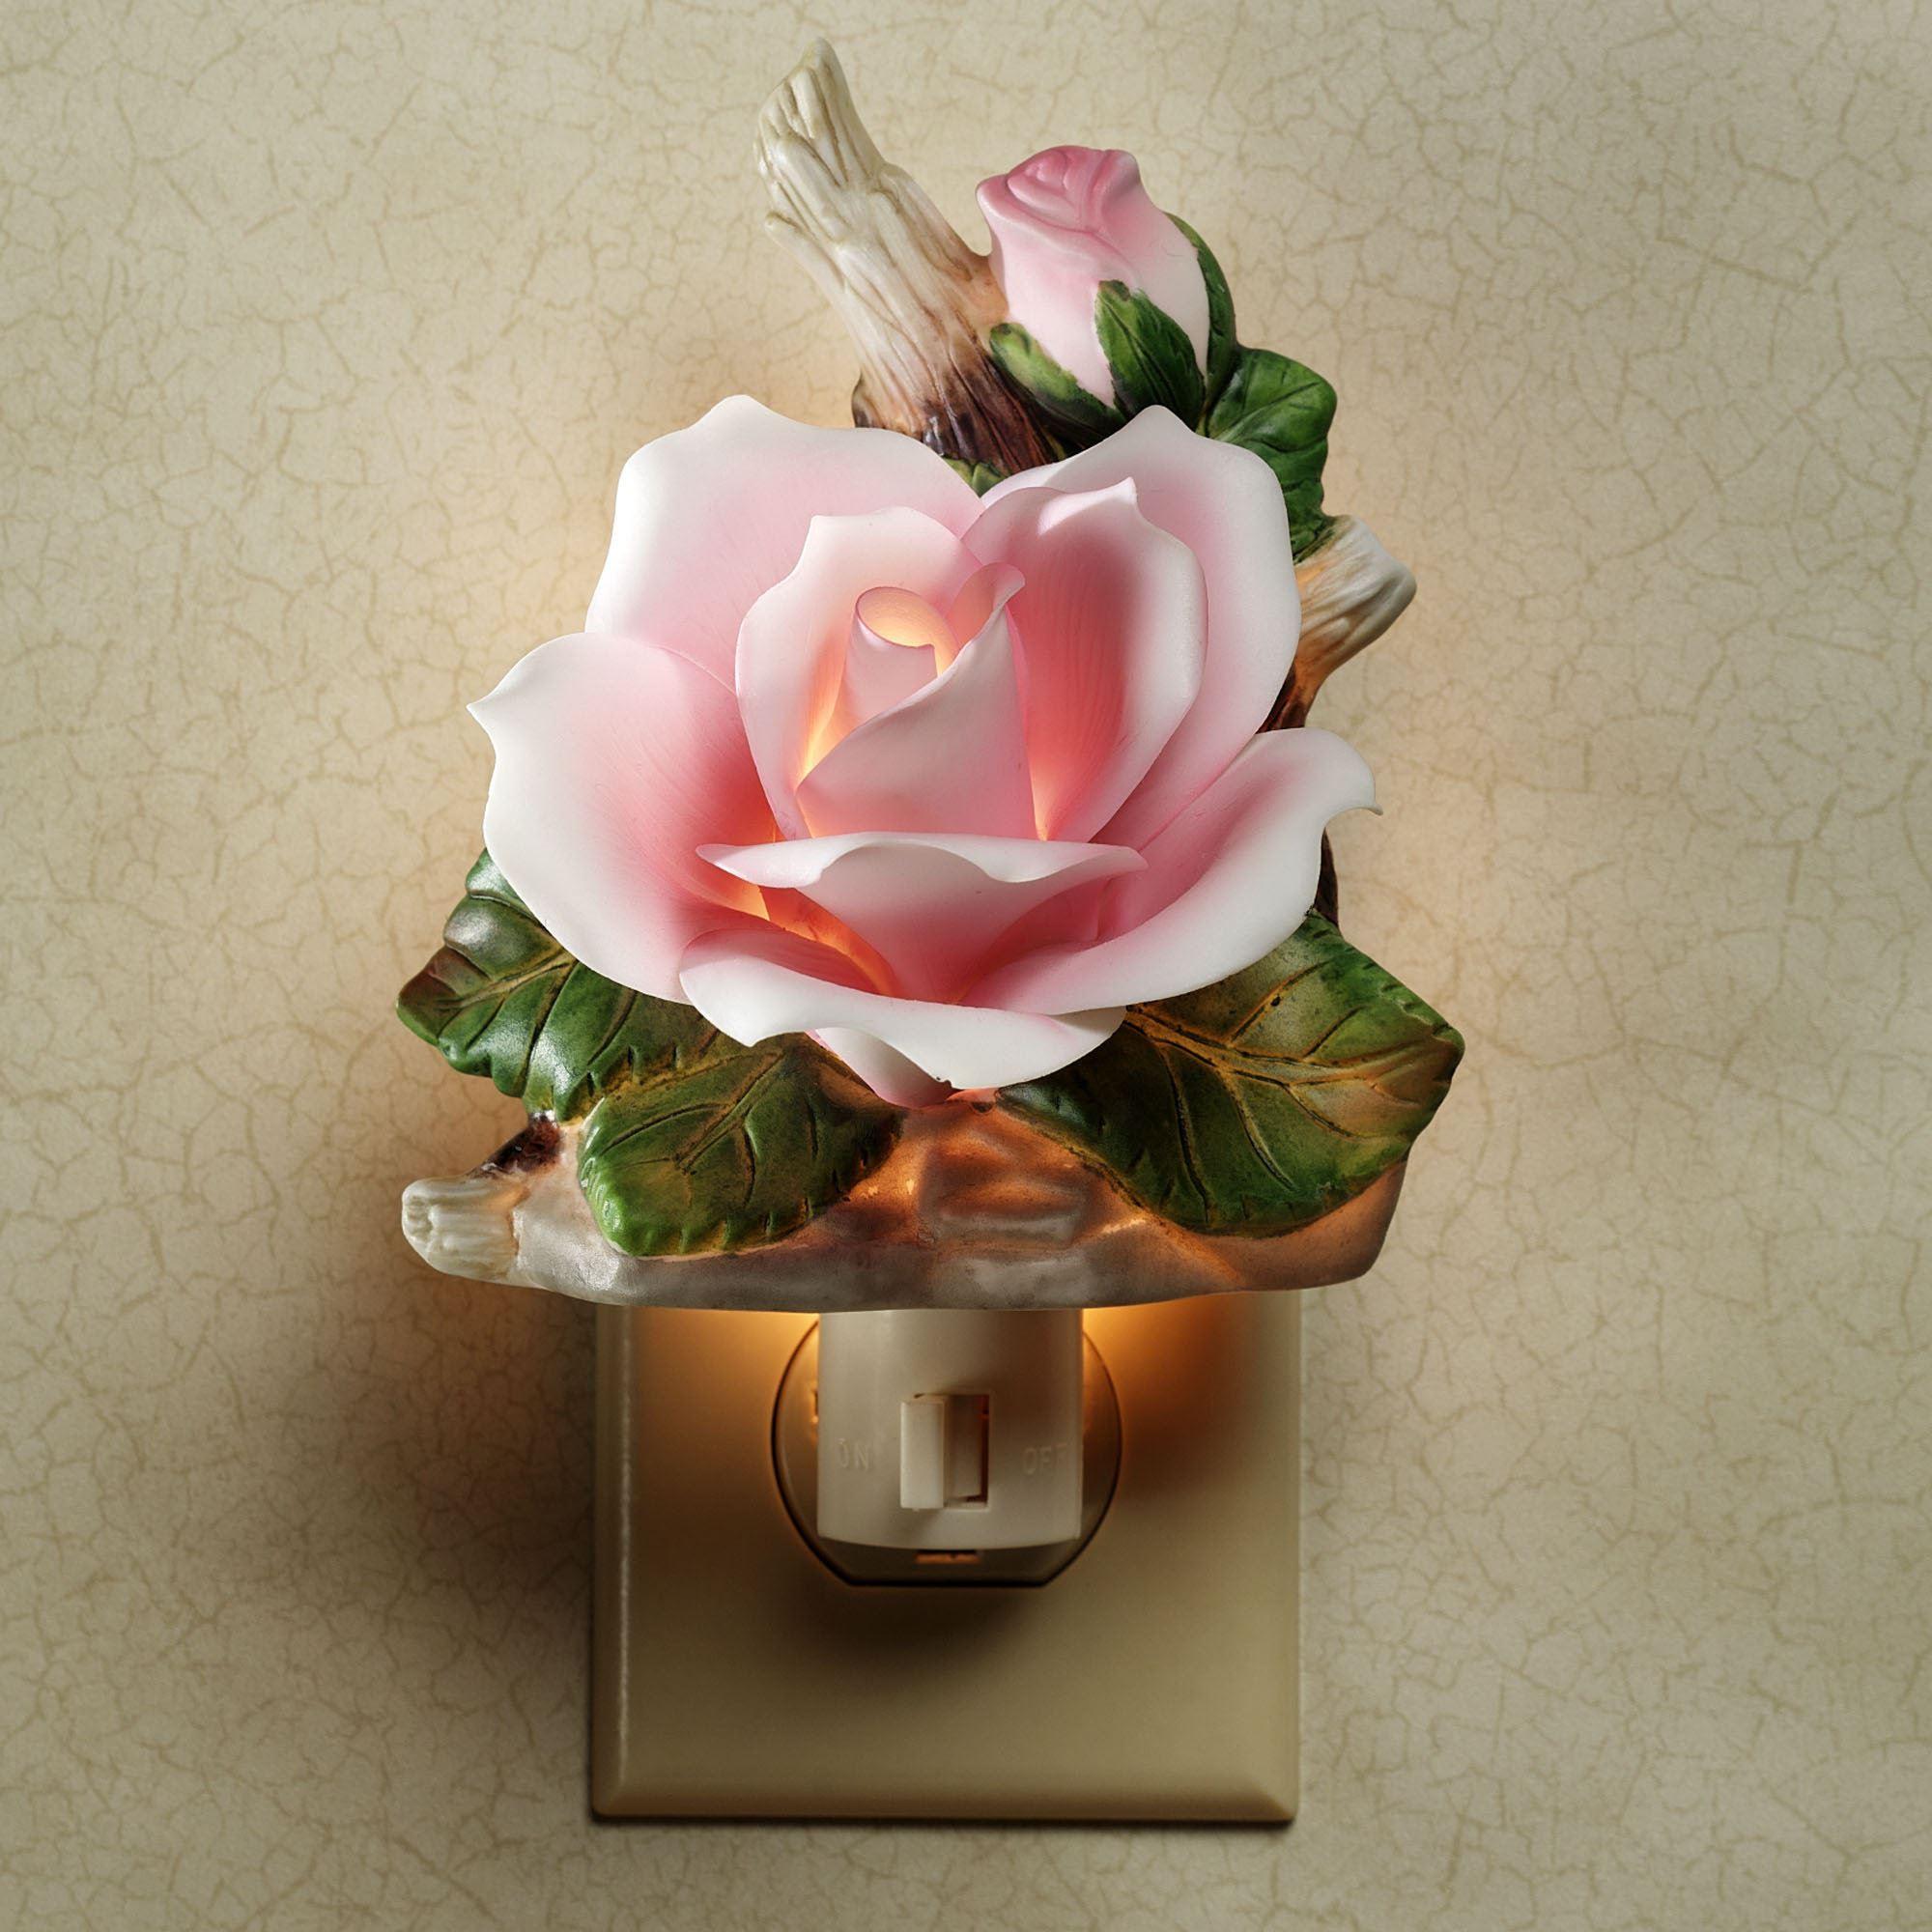 Porcelain Pink Rose Floral Nightlight